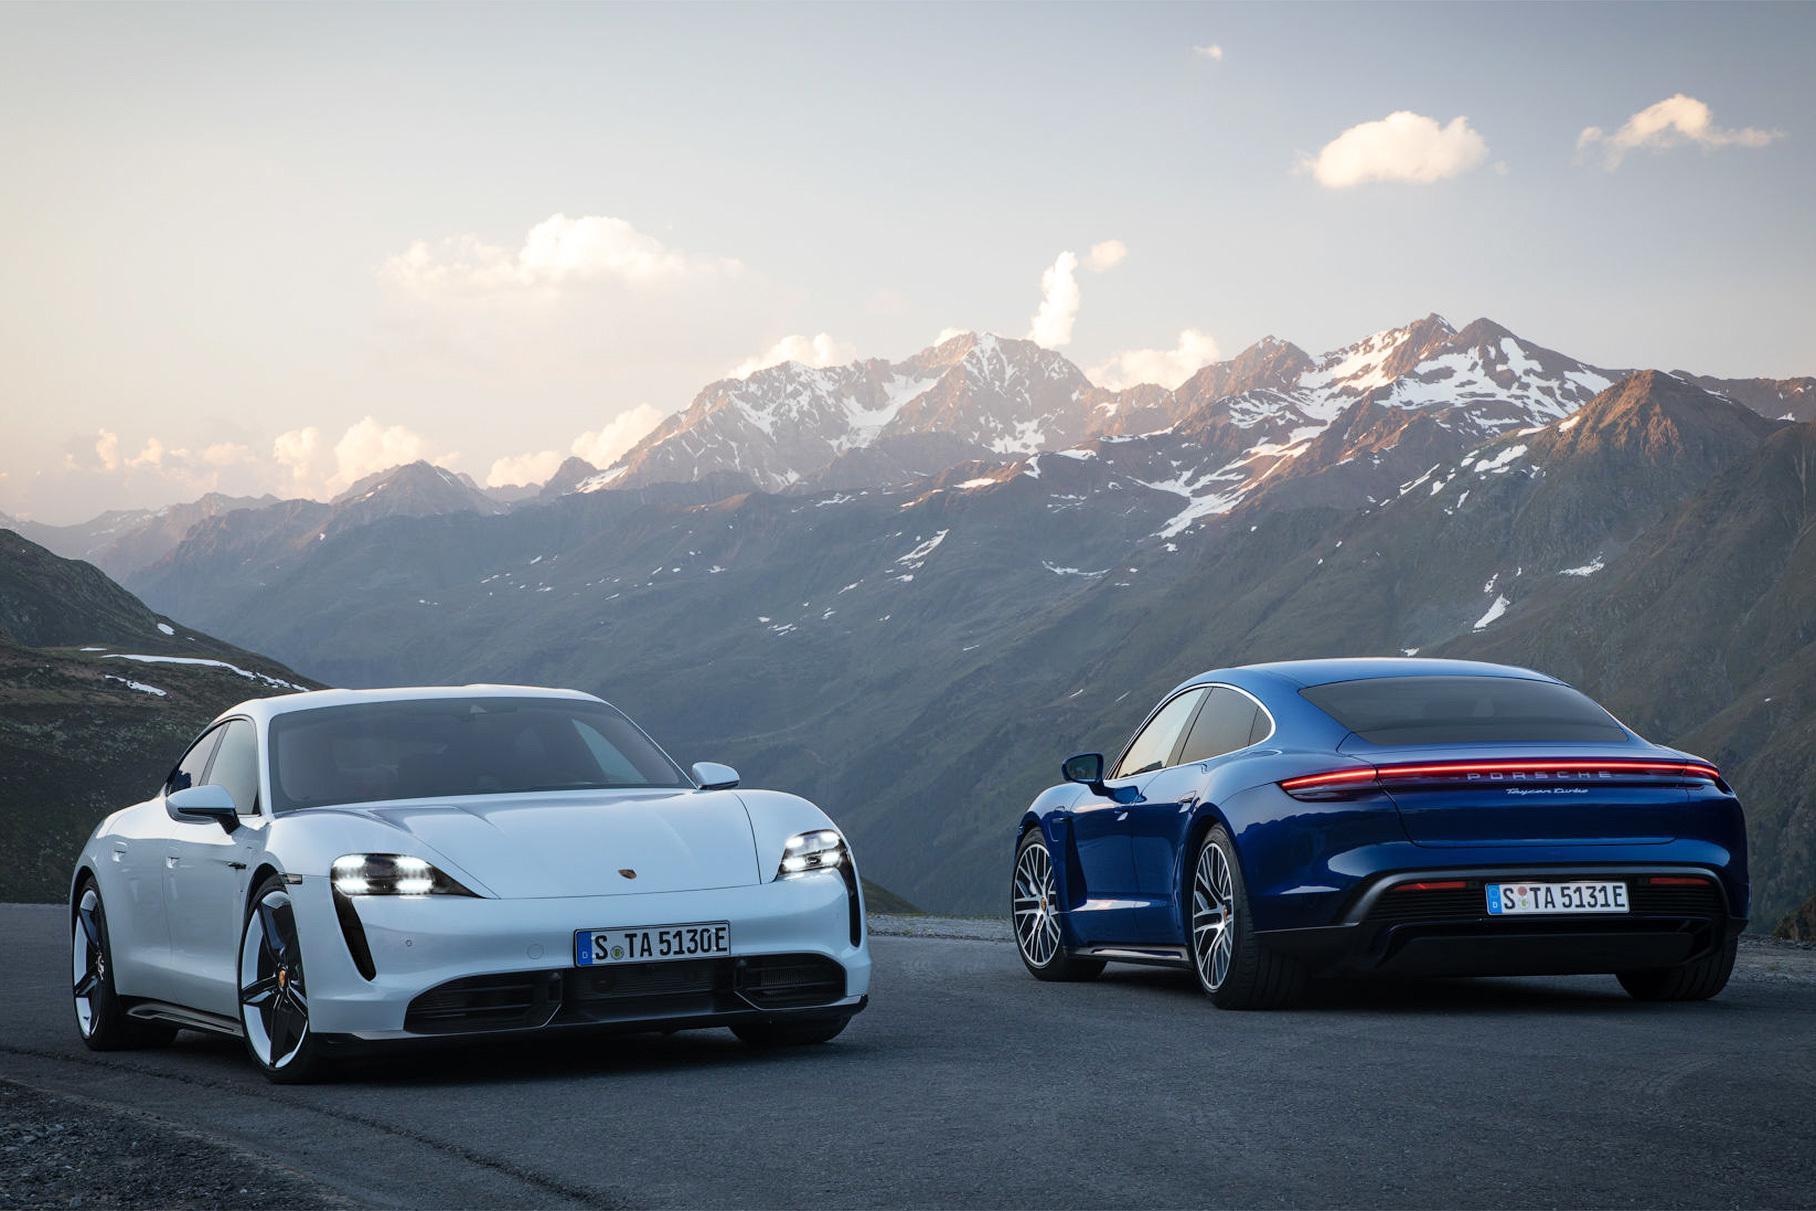 Недавно состоялась премьера электроседана Porsche Taycan (на фото и видео). Основным конкурентом немецкого суперкара станет Tesla Model S. Илон Маск отнёсся к премьере Taycan с юмором.